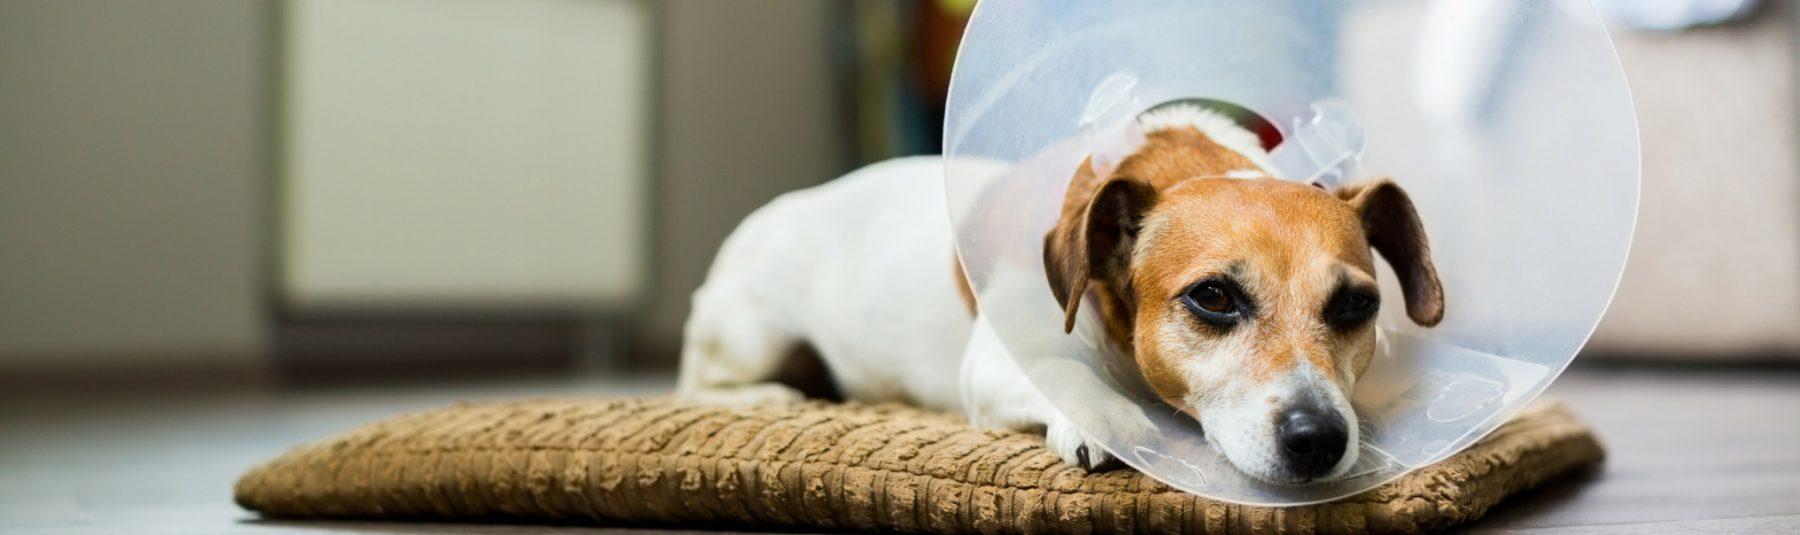 dog-spay-neutering